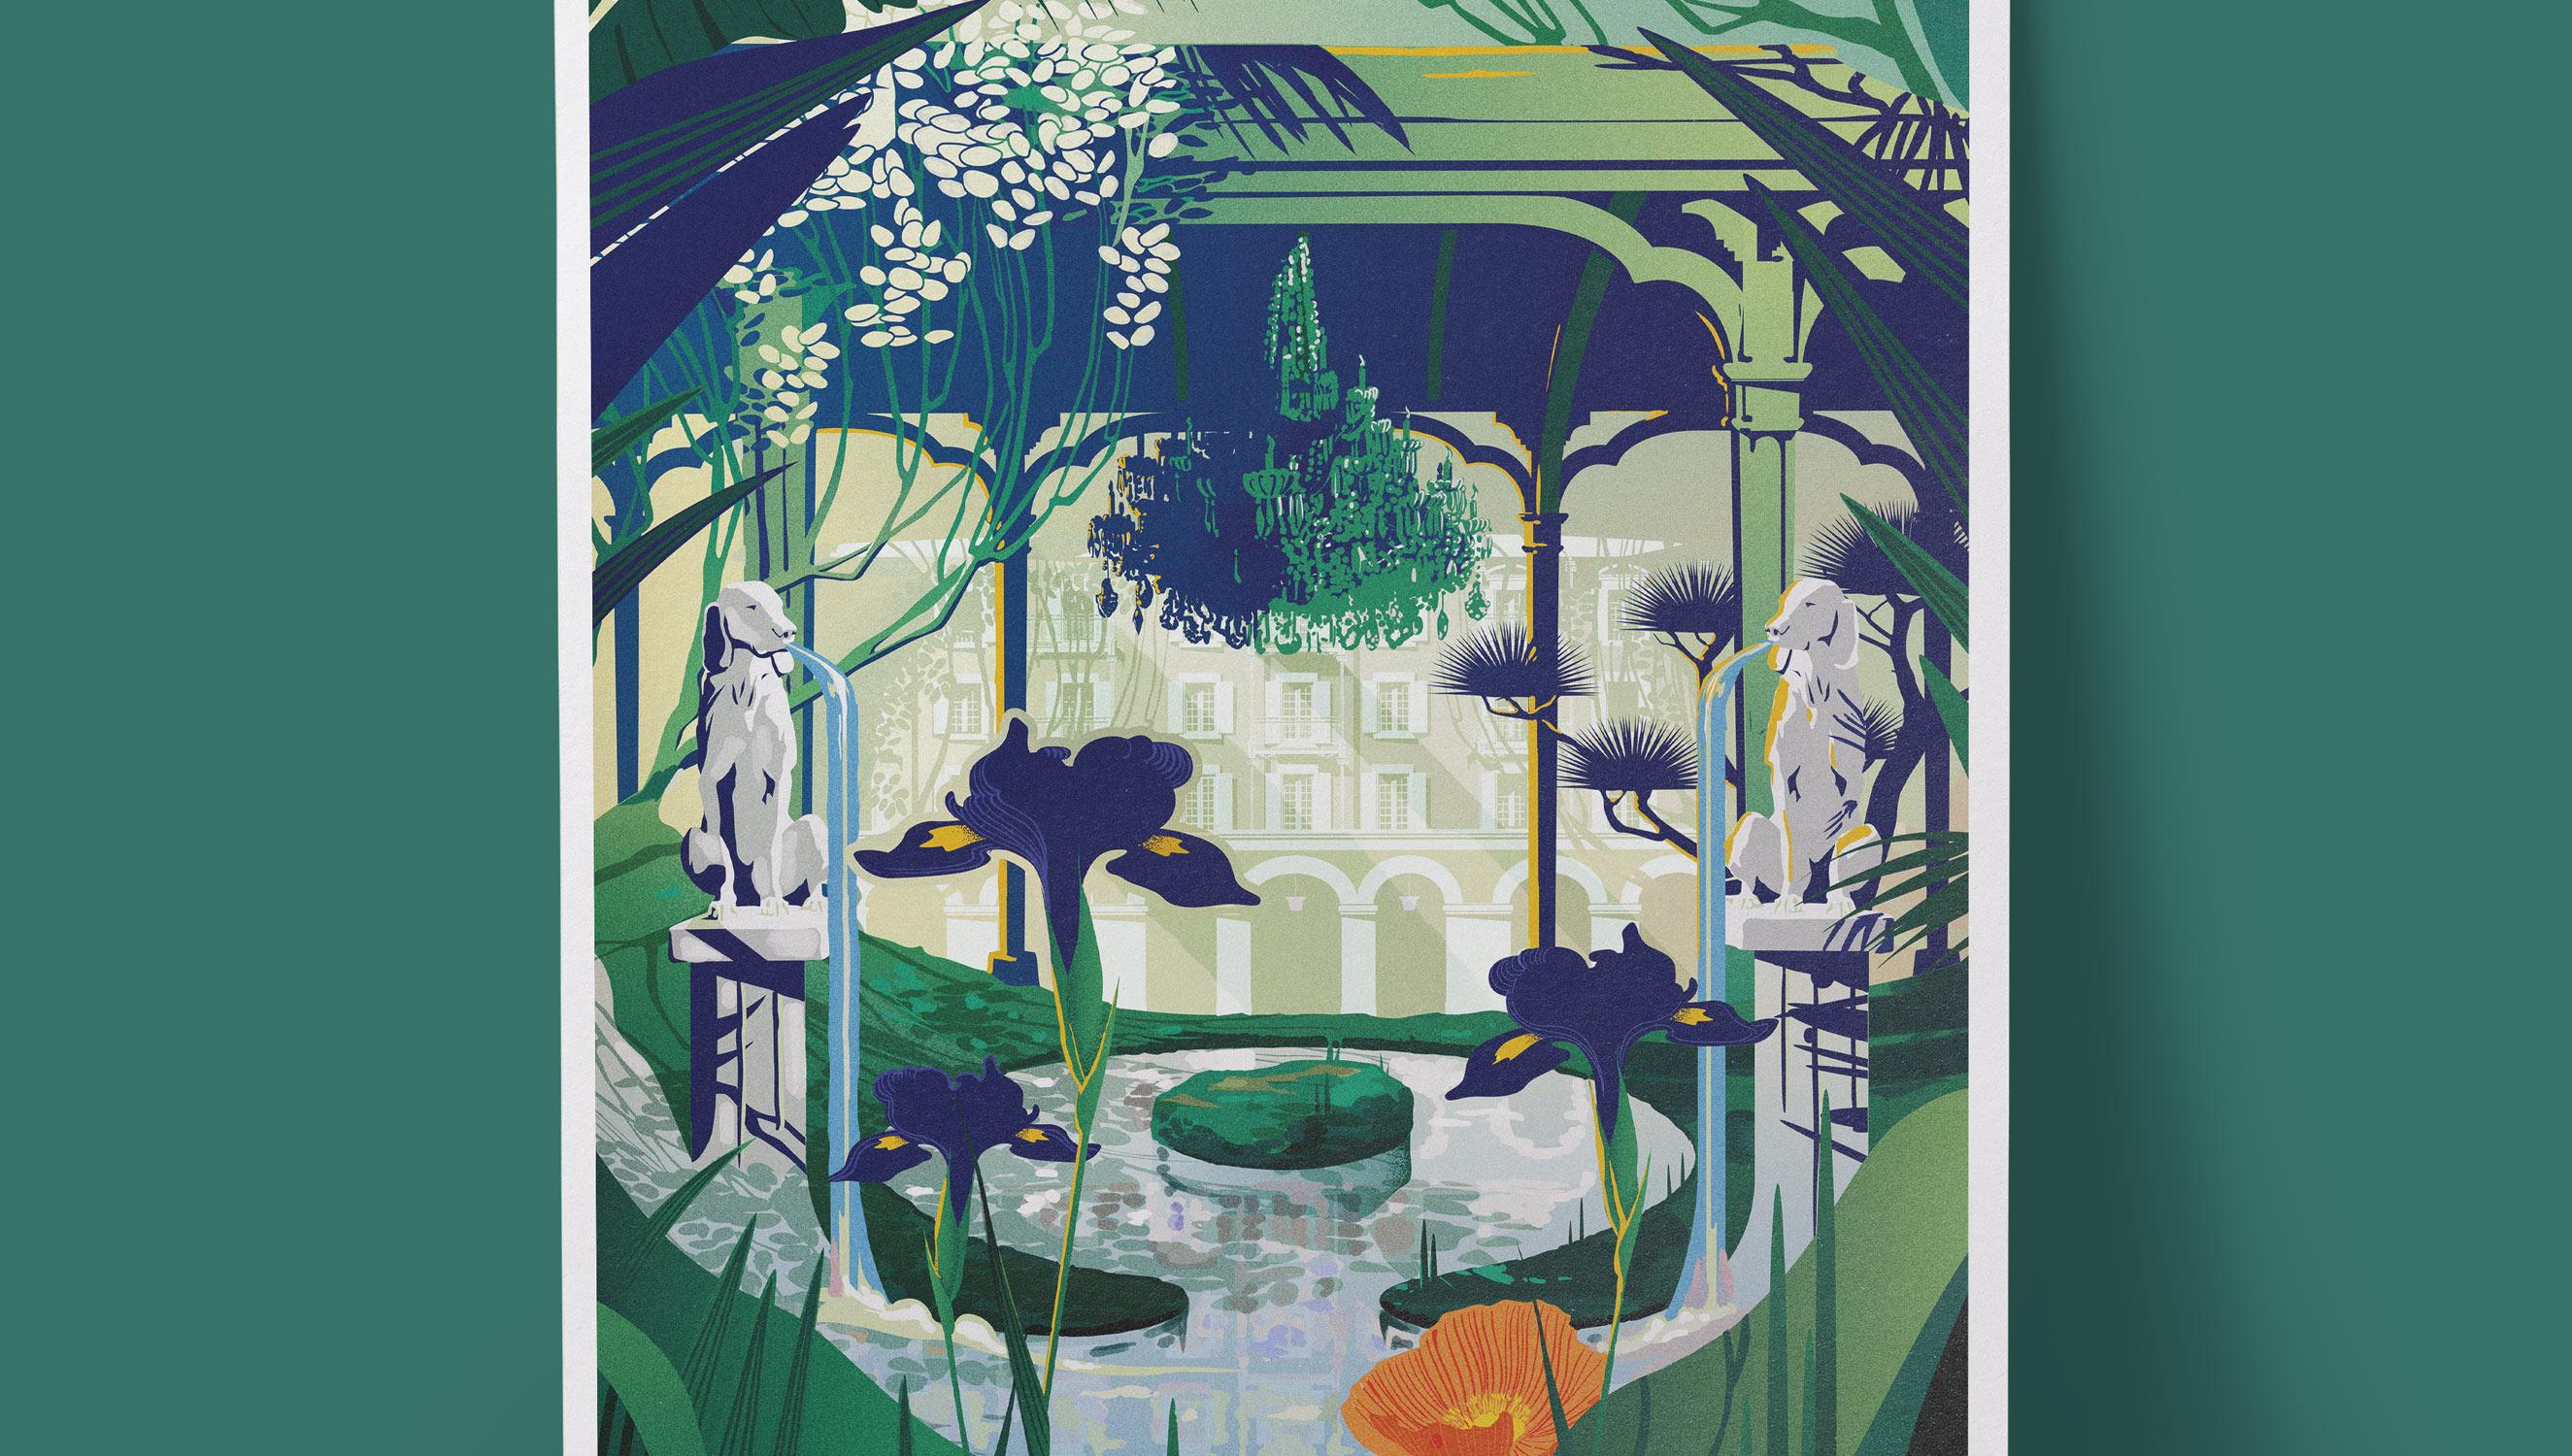 Poster_EUG2NIE_300DPI_closeUp